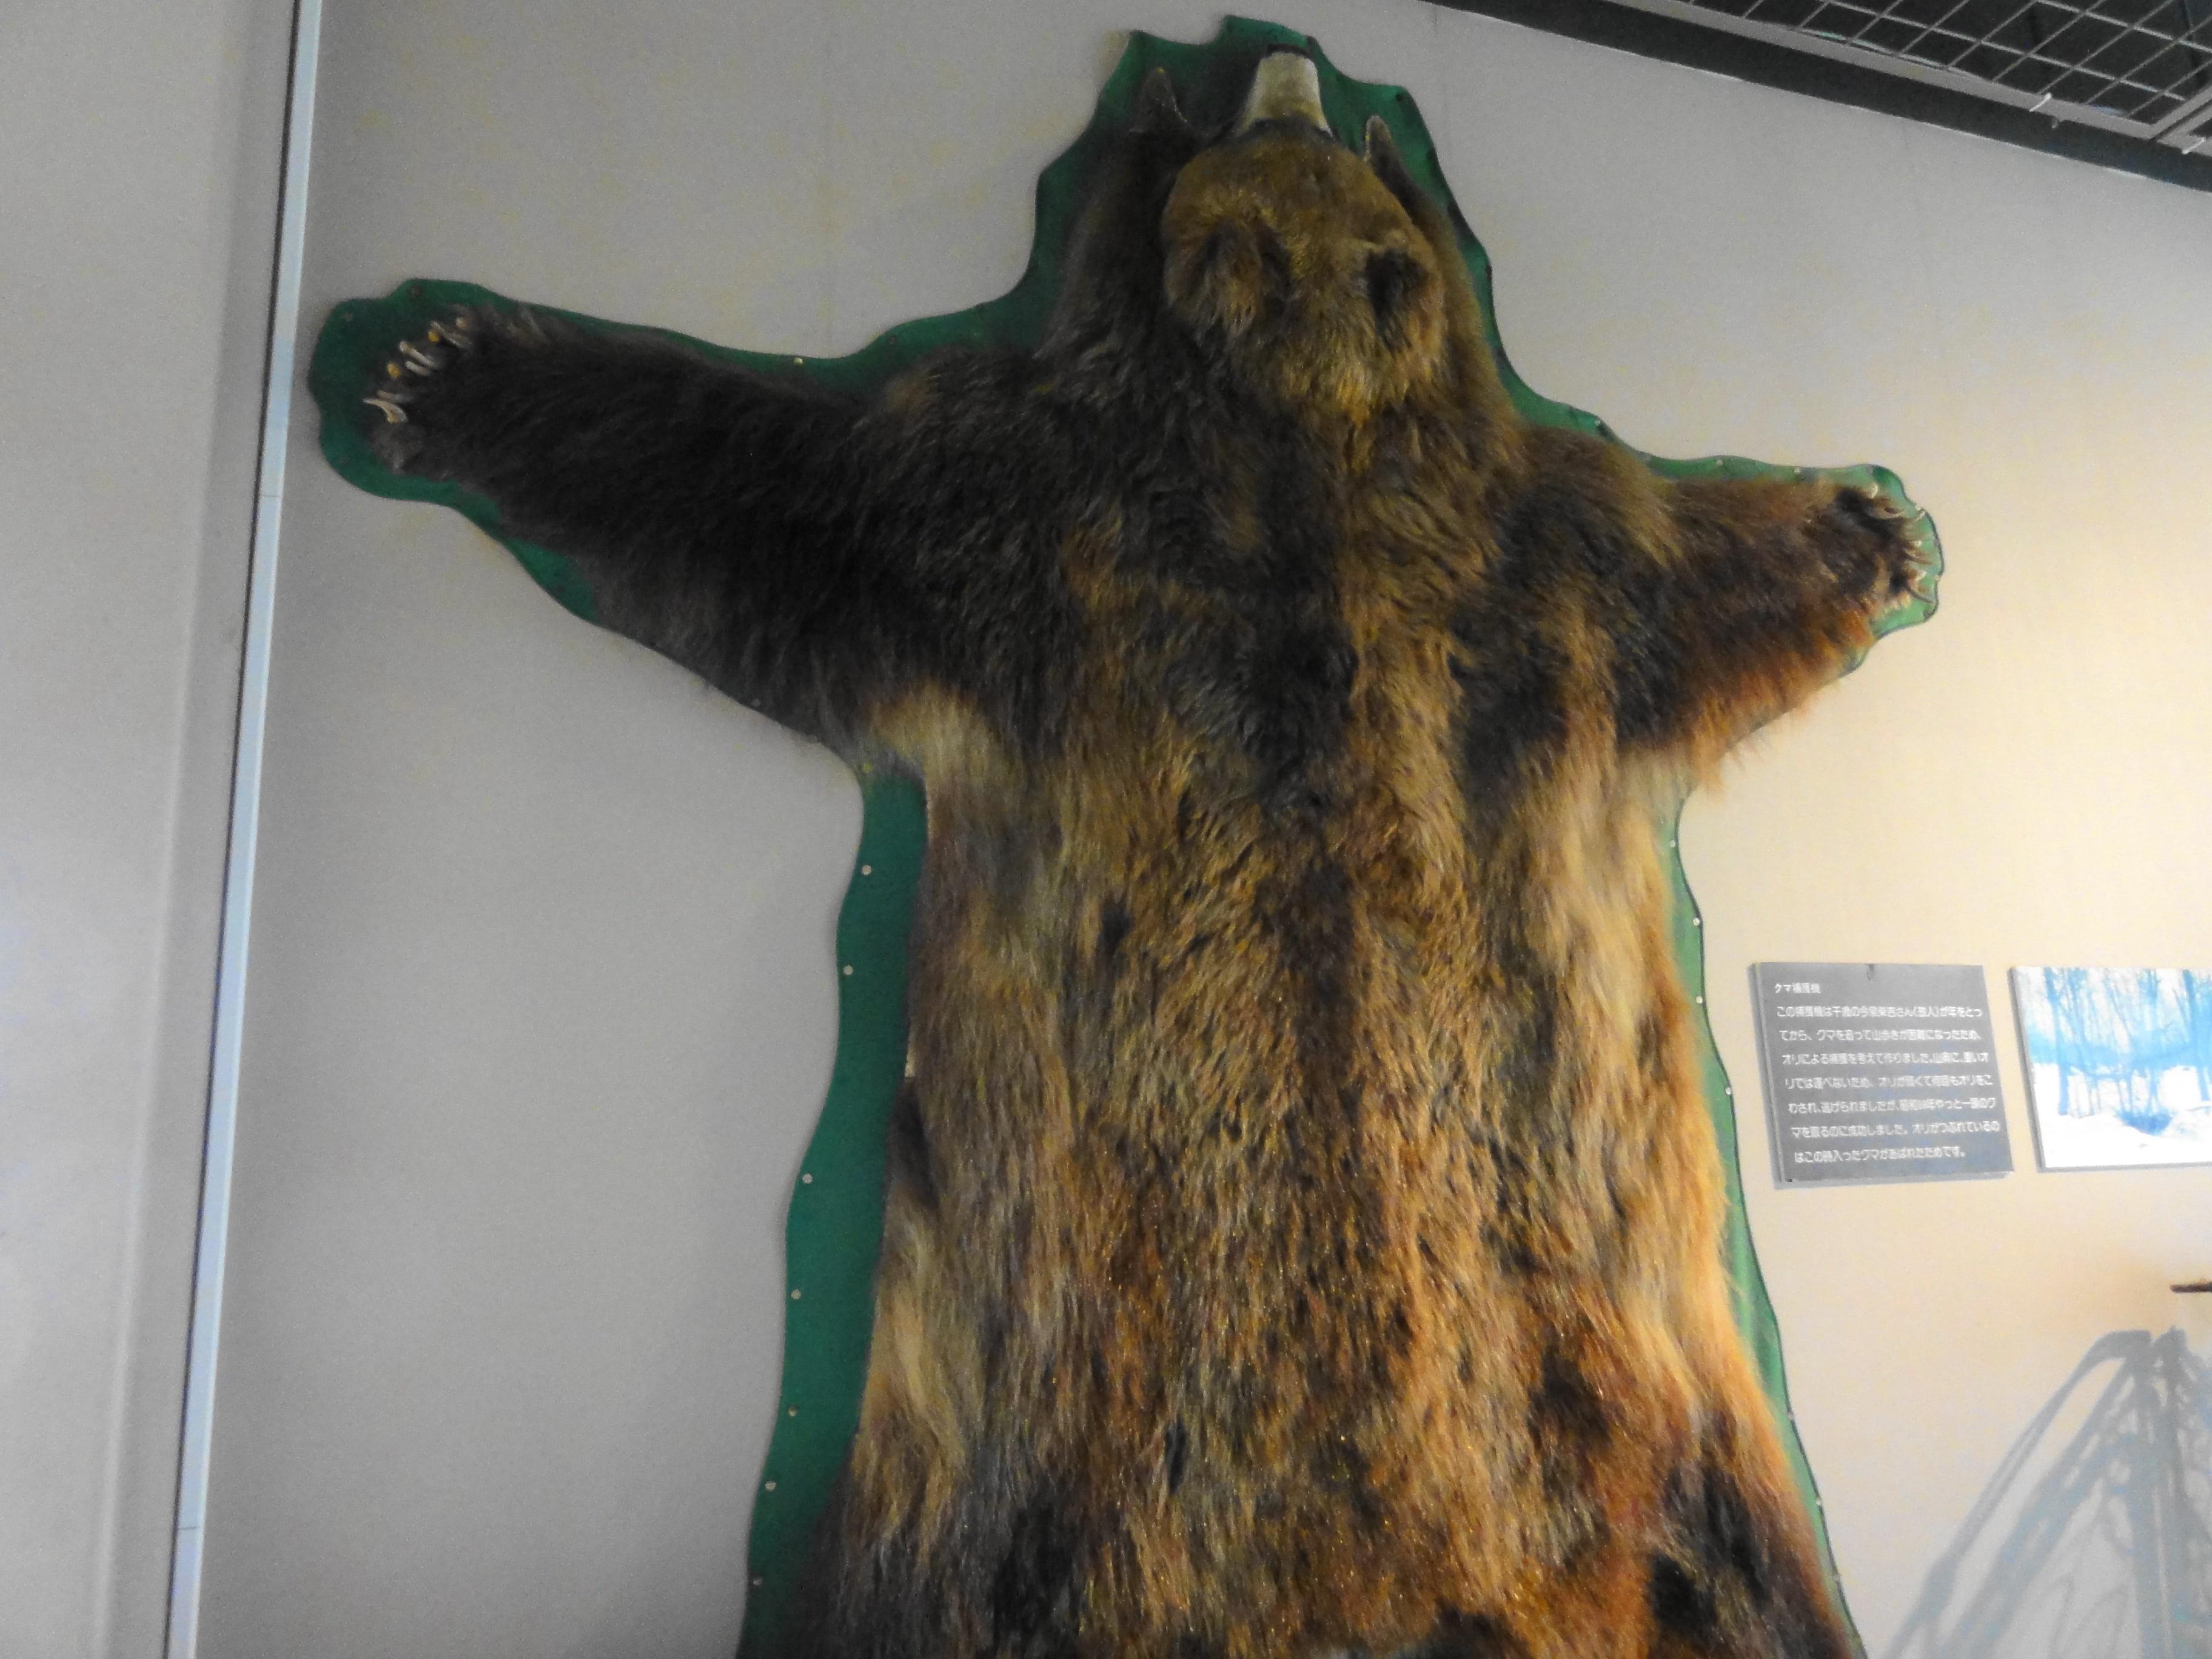 のぼりべつクマ牧場の毛皮